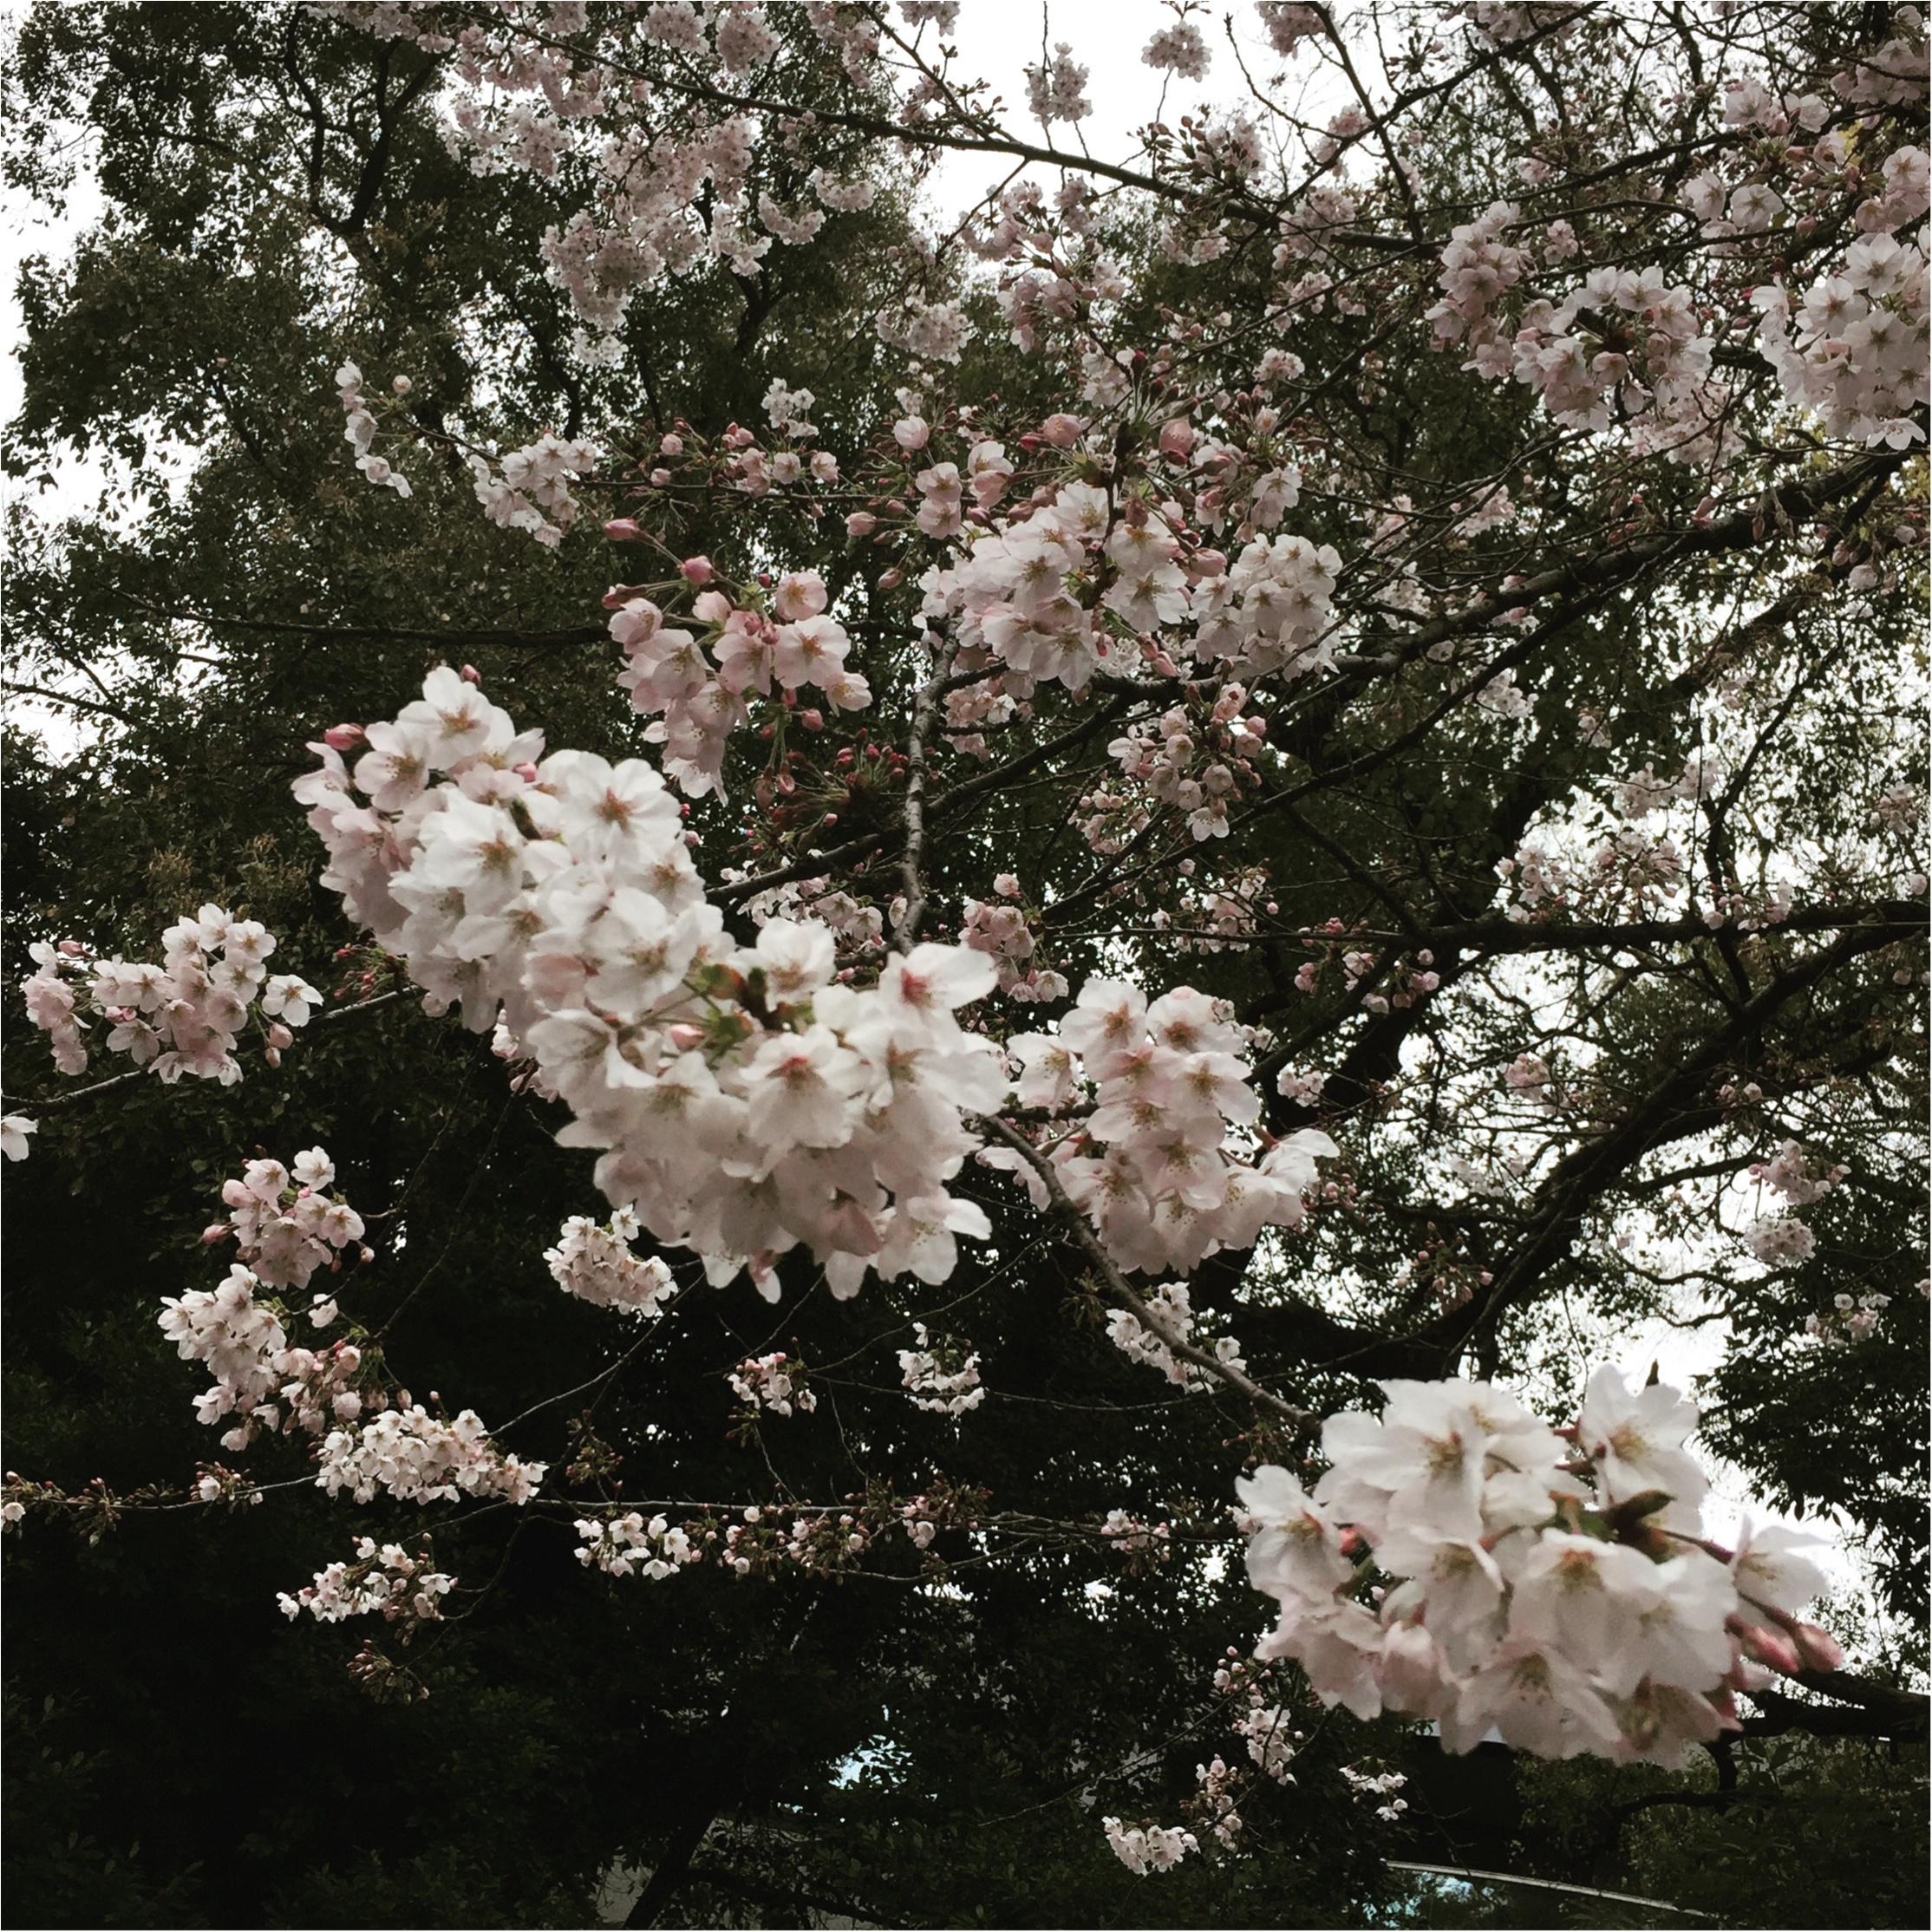 【4/6まで】都内でも七分咲き♪♪*千代田のさくらフェスティバル*に行ってきました✨✨_2